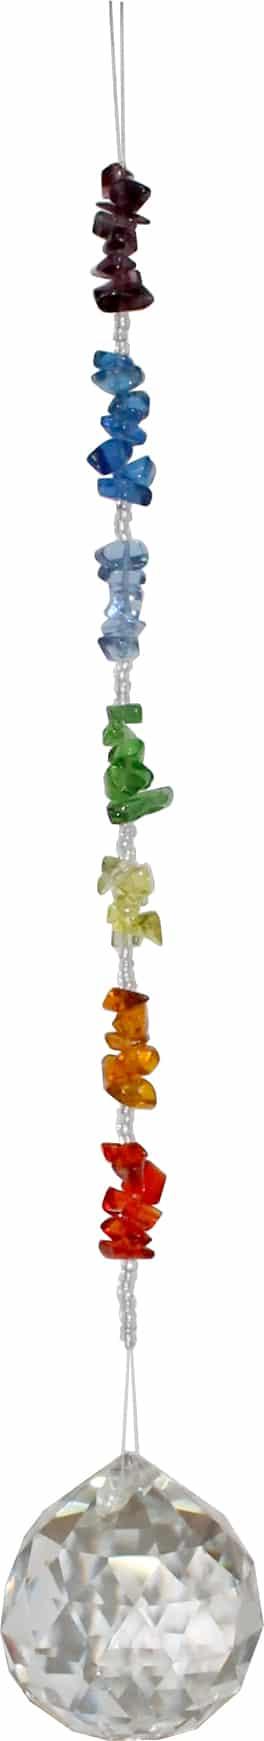 Hangend Kristal met Glazen Chakra Steentjes